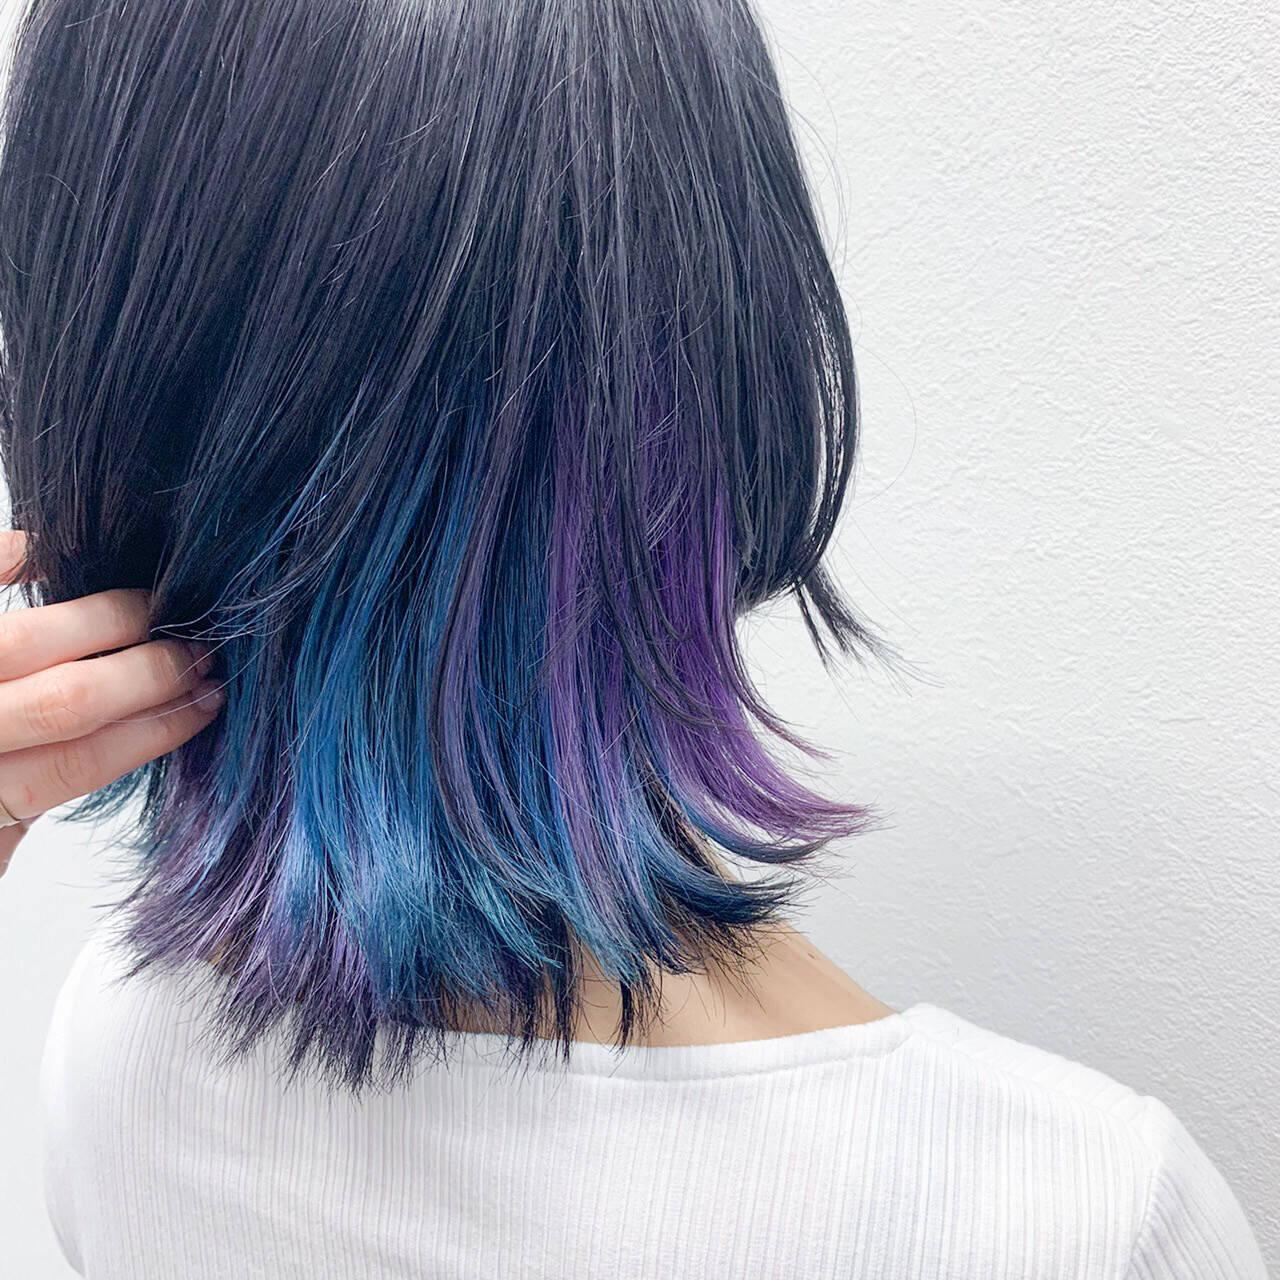 ホワイトブリーチ ミディアム ブリーチオンカラー モードヘアスタイルや髪型の写真・画像